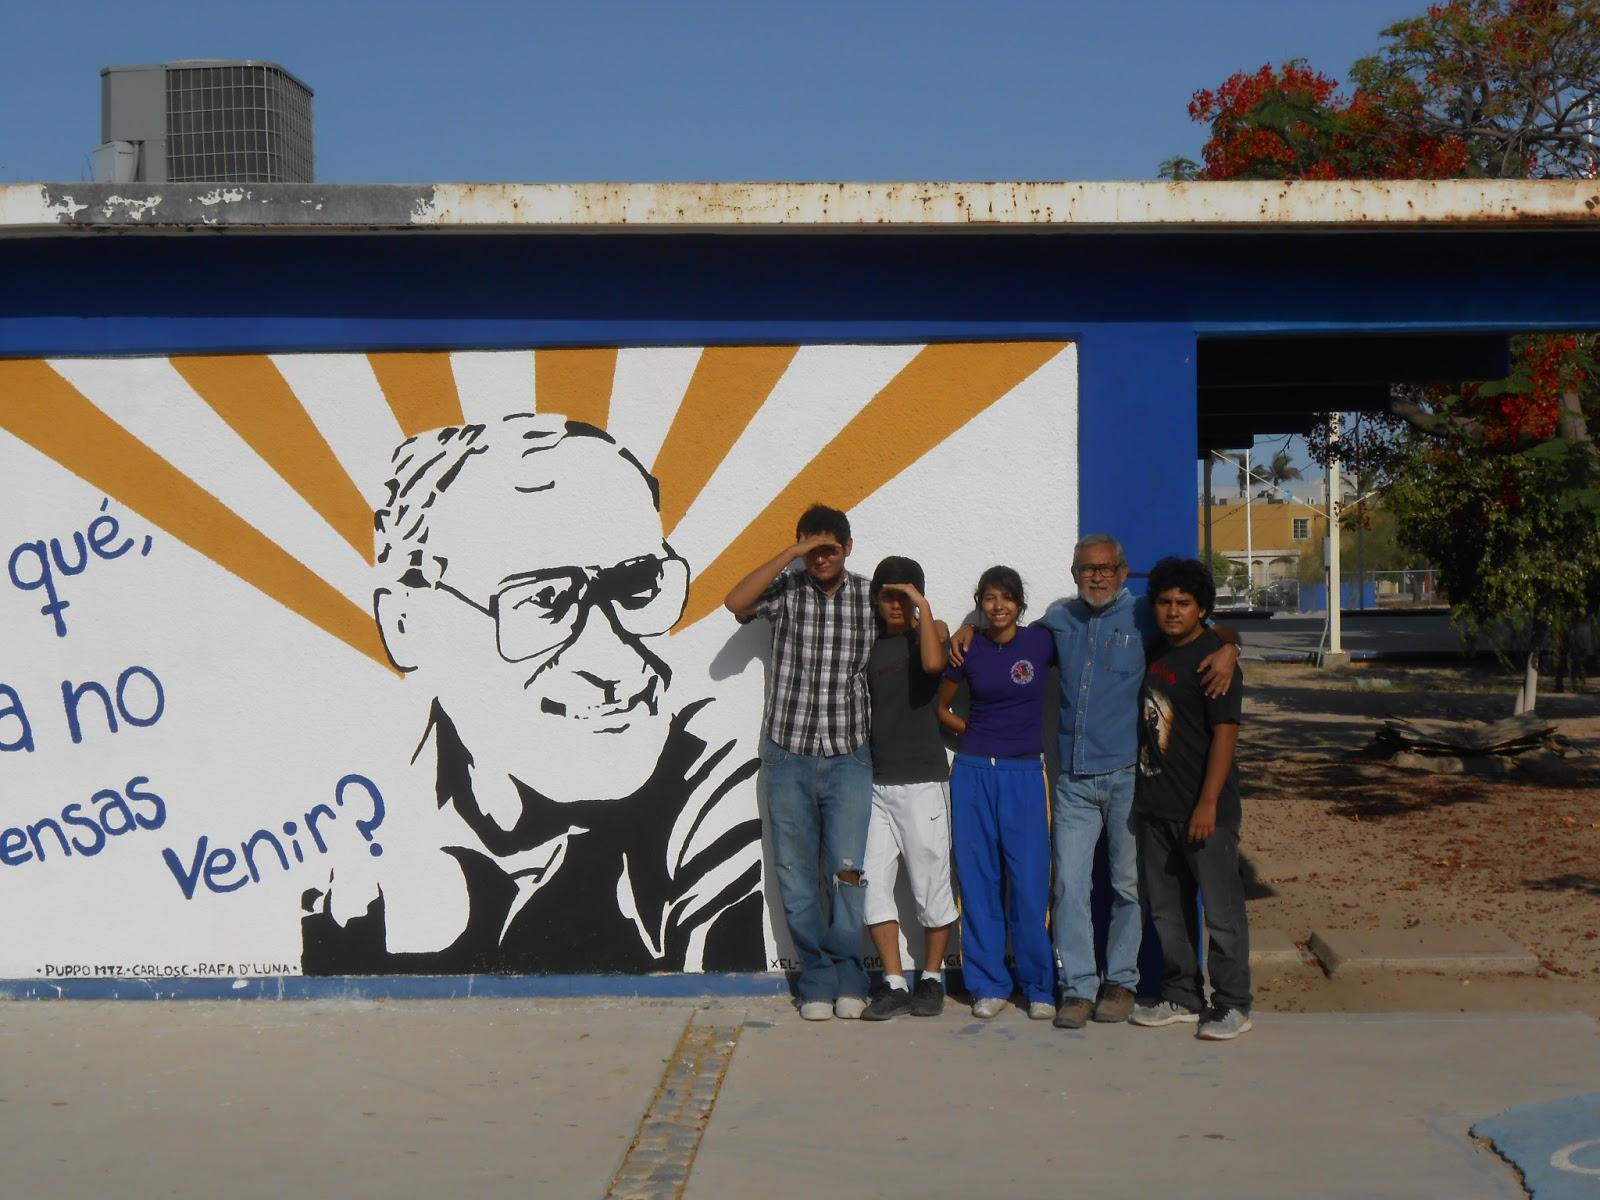 Prepa morelos cch unam mural mutilado quitaron el for Mural prepa 1 uaemex